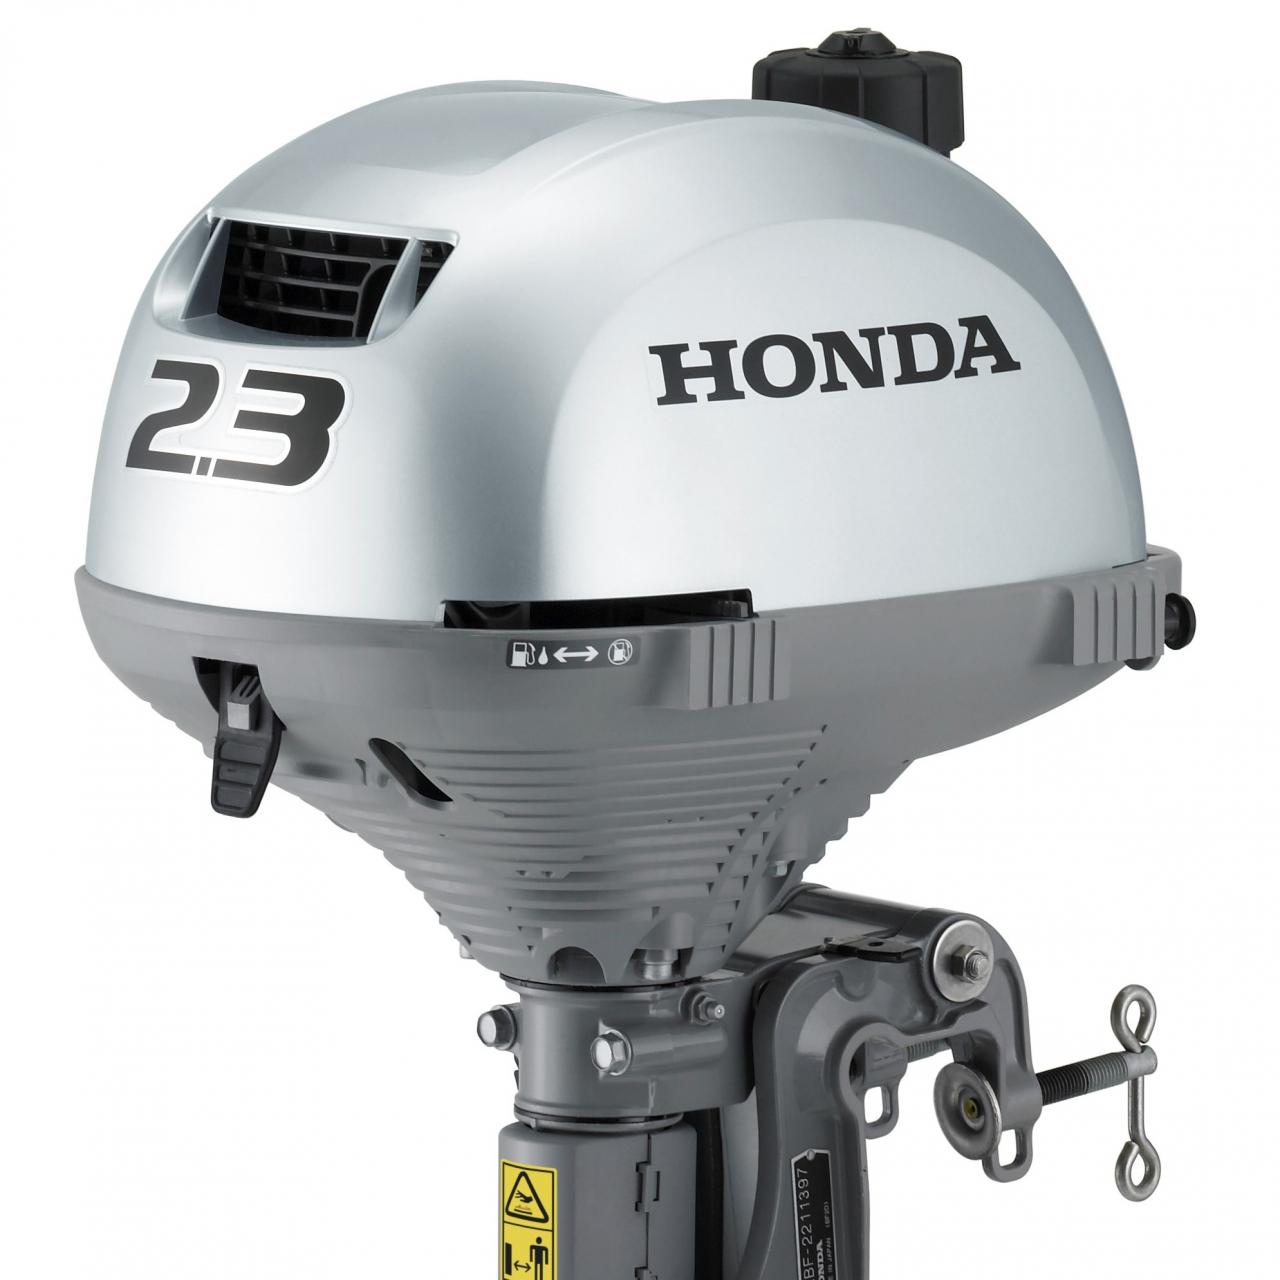 1c6183f1b0e Rendin välja: 2.3hj Honda päramootor